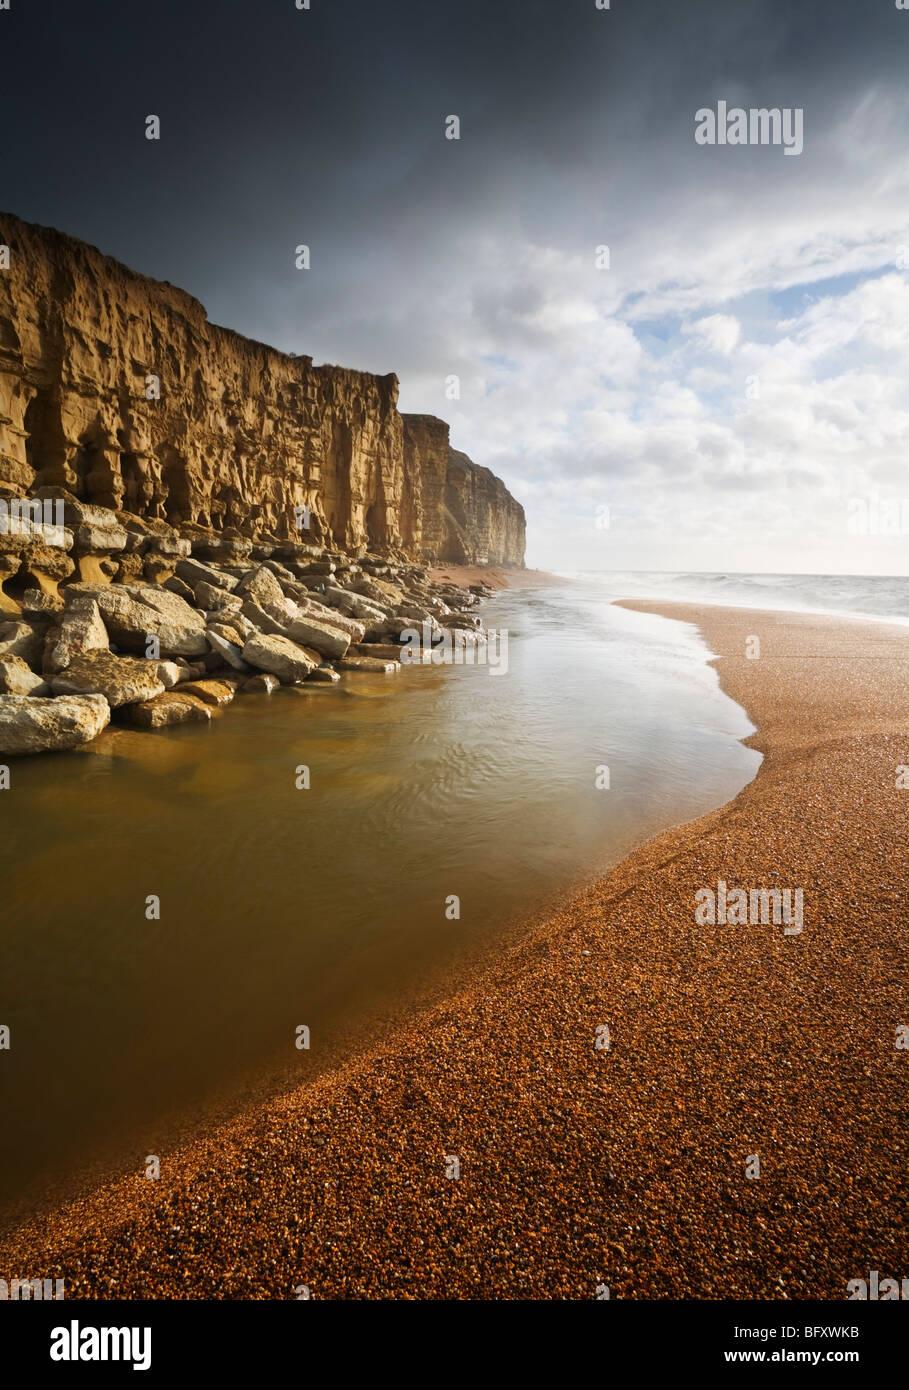 Der Fluss Braut und Cliff Burton. Juraküste Welterbe-Aufstellungsort. Dorset. England. VEREINIGTES KÖNIGREICH. Stockbild